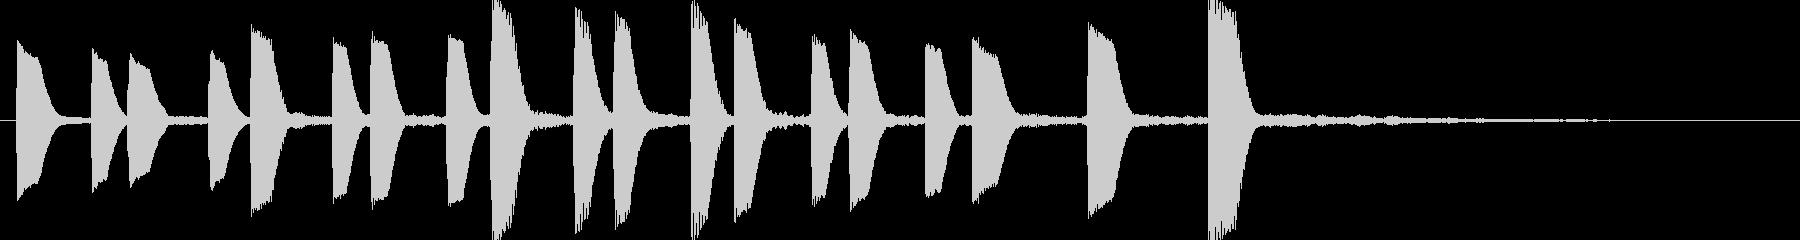 ほのぼのしたエレピのジングルの未再生の波形